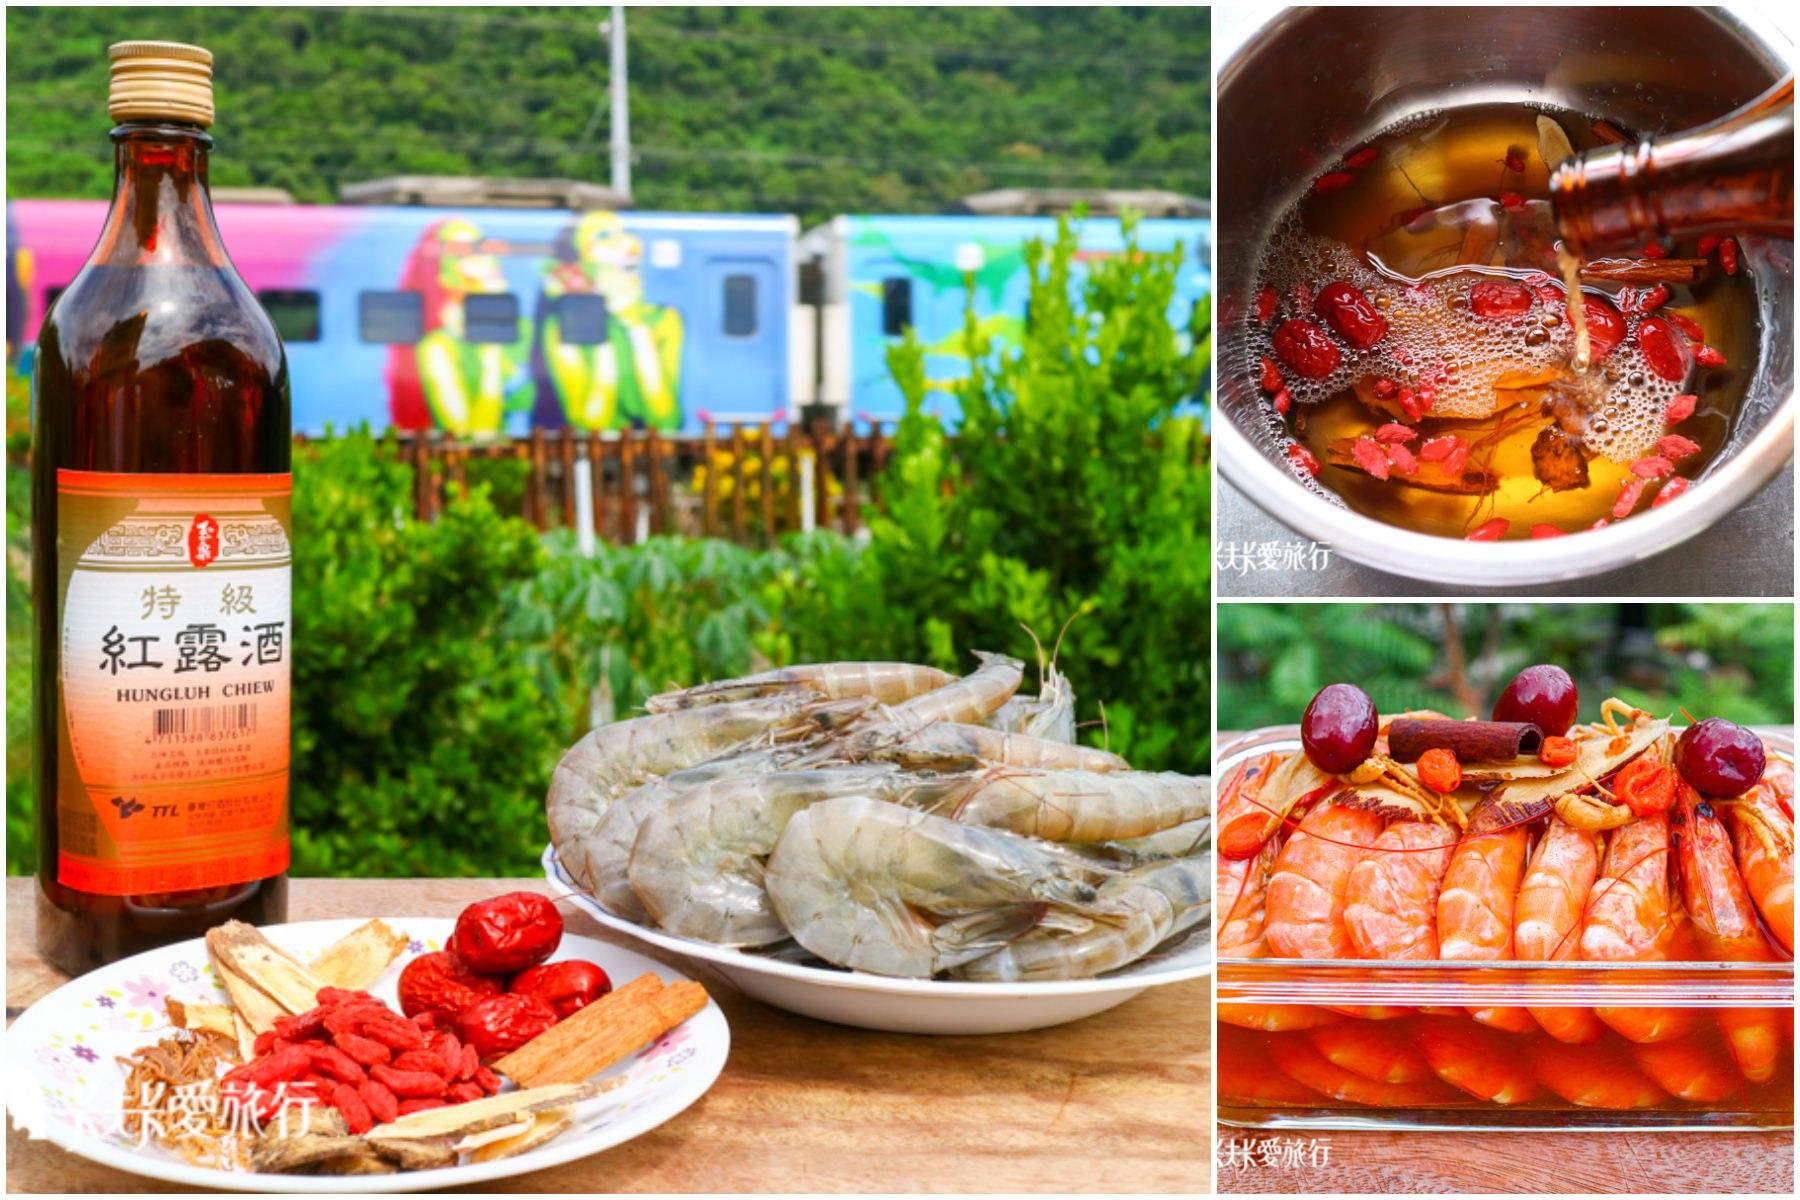 【料理食譜】紅露酒醉蝦DIY|簡單步驟零失敗!宜蘭人的私房菜適合露營野餐菜色